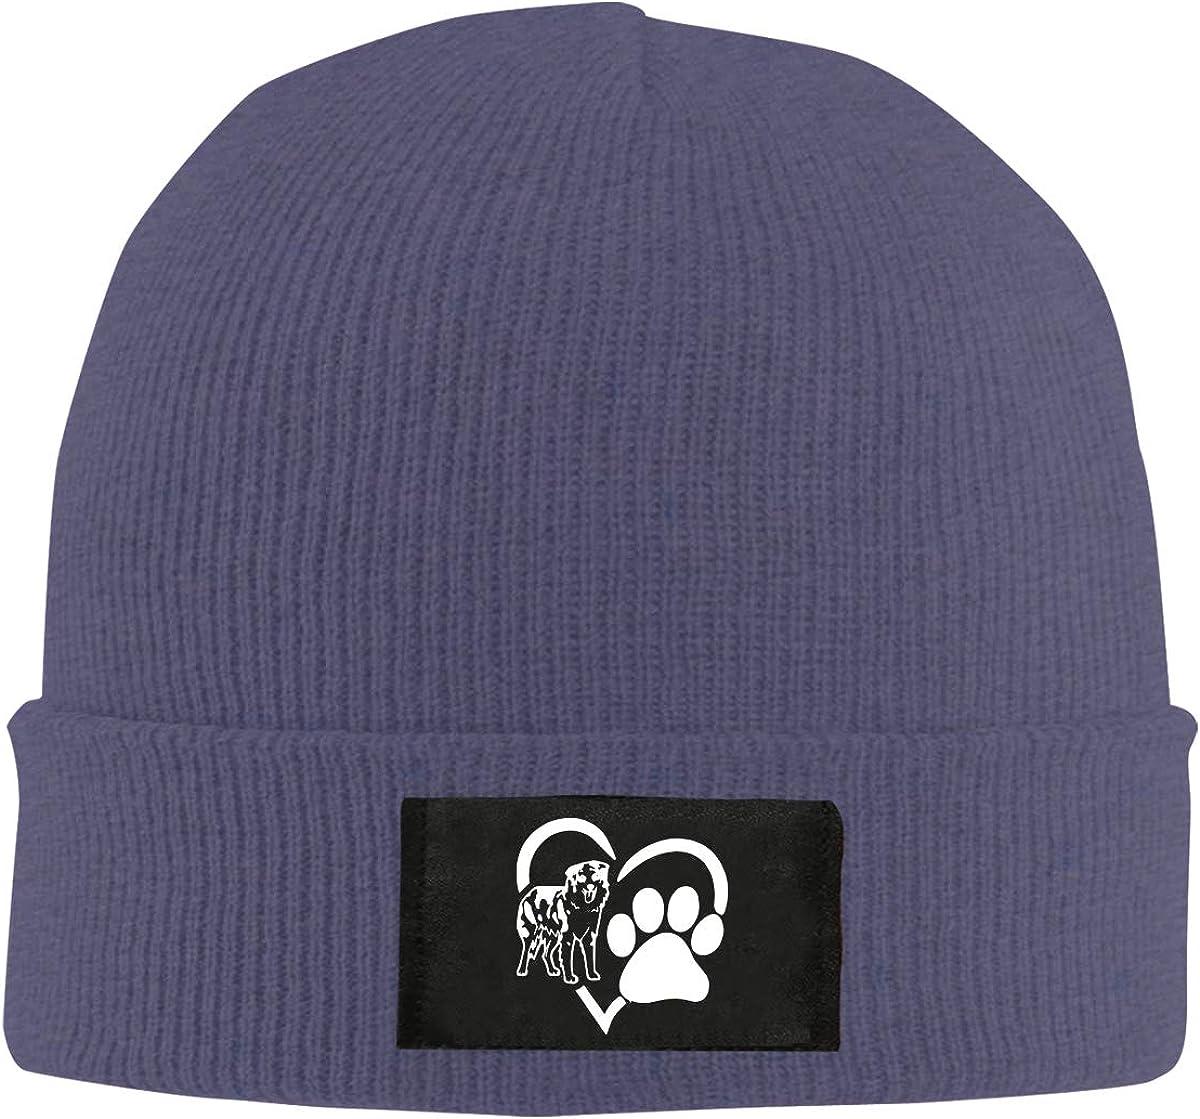 Love Australian Shepherd Men /& Womens Knitted Hat Fashion Warm Skull Cap